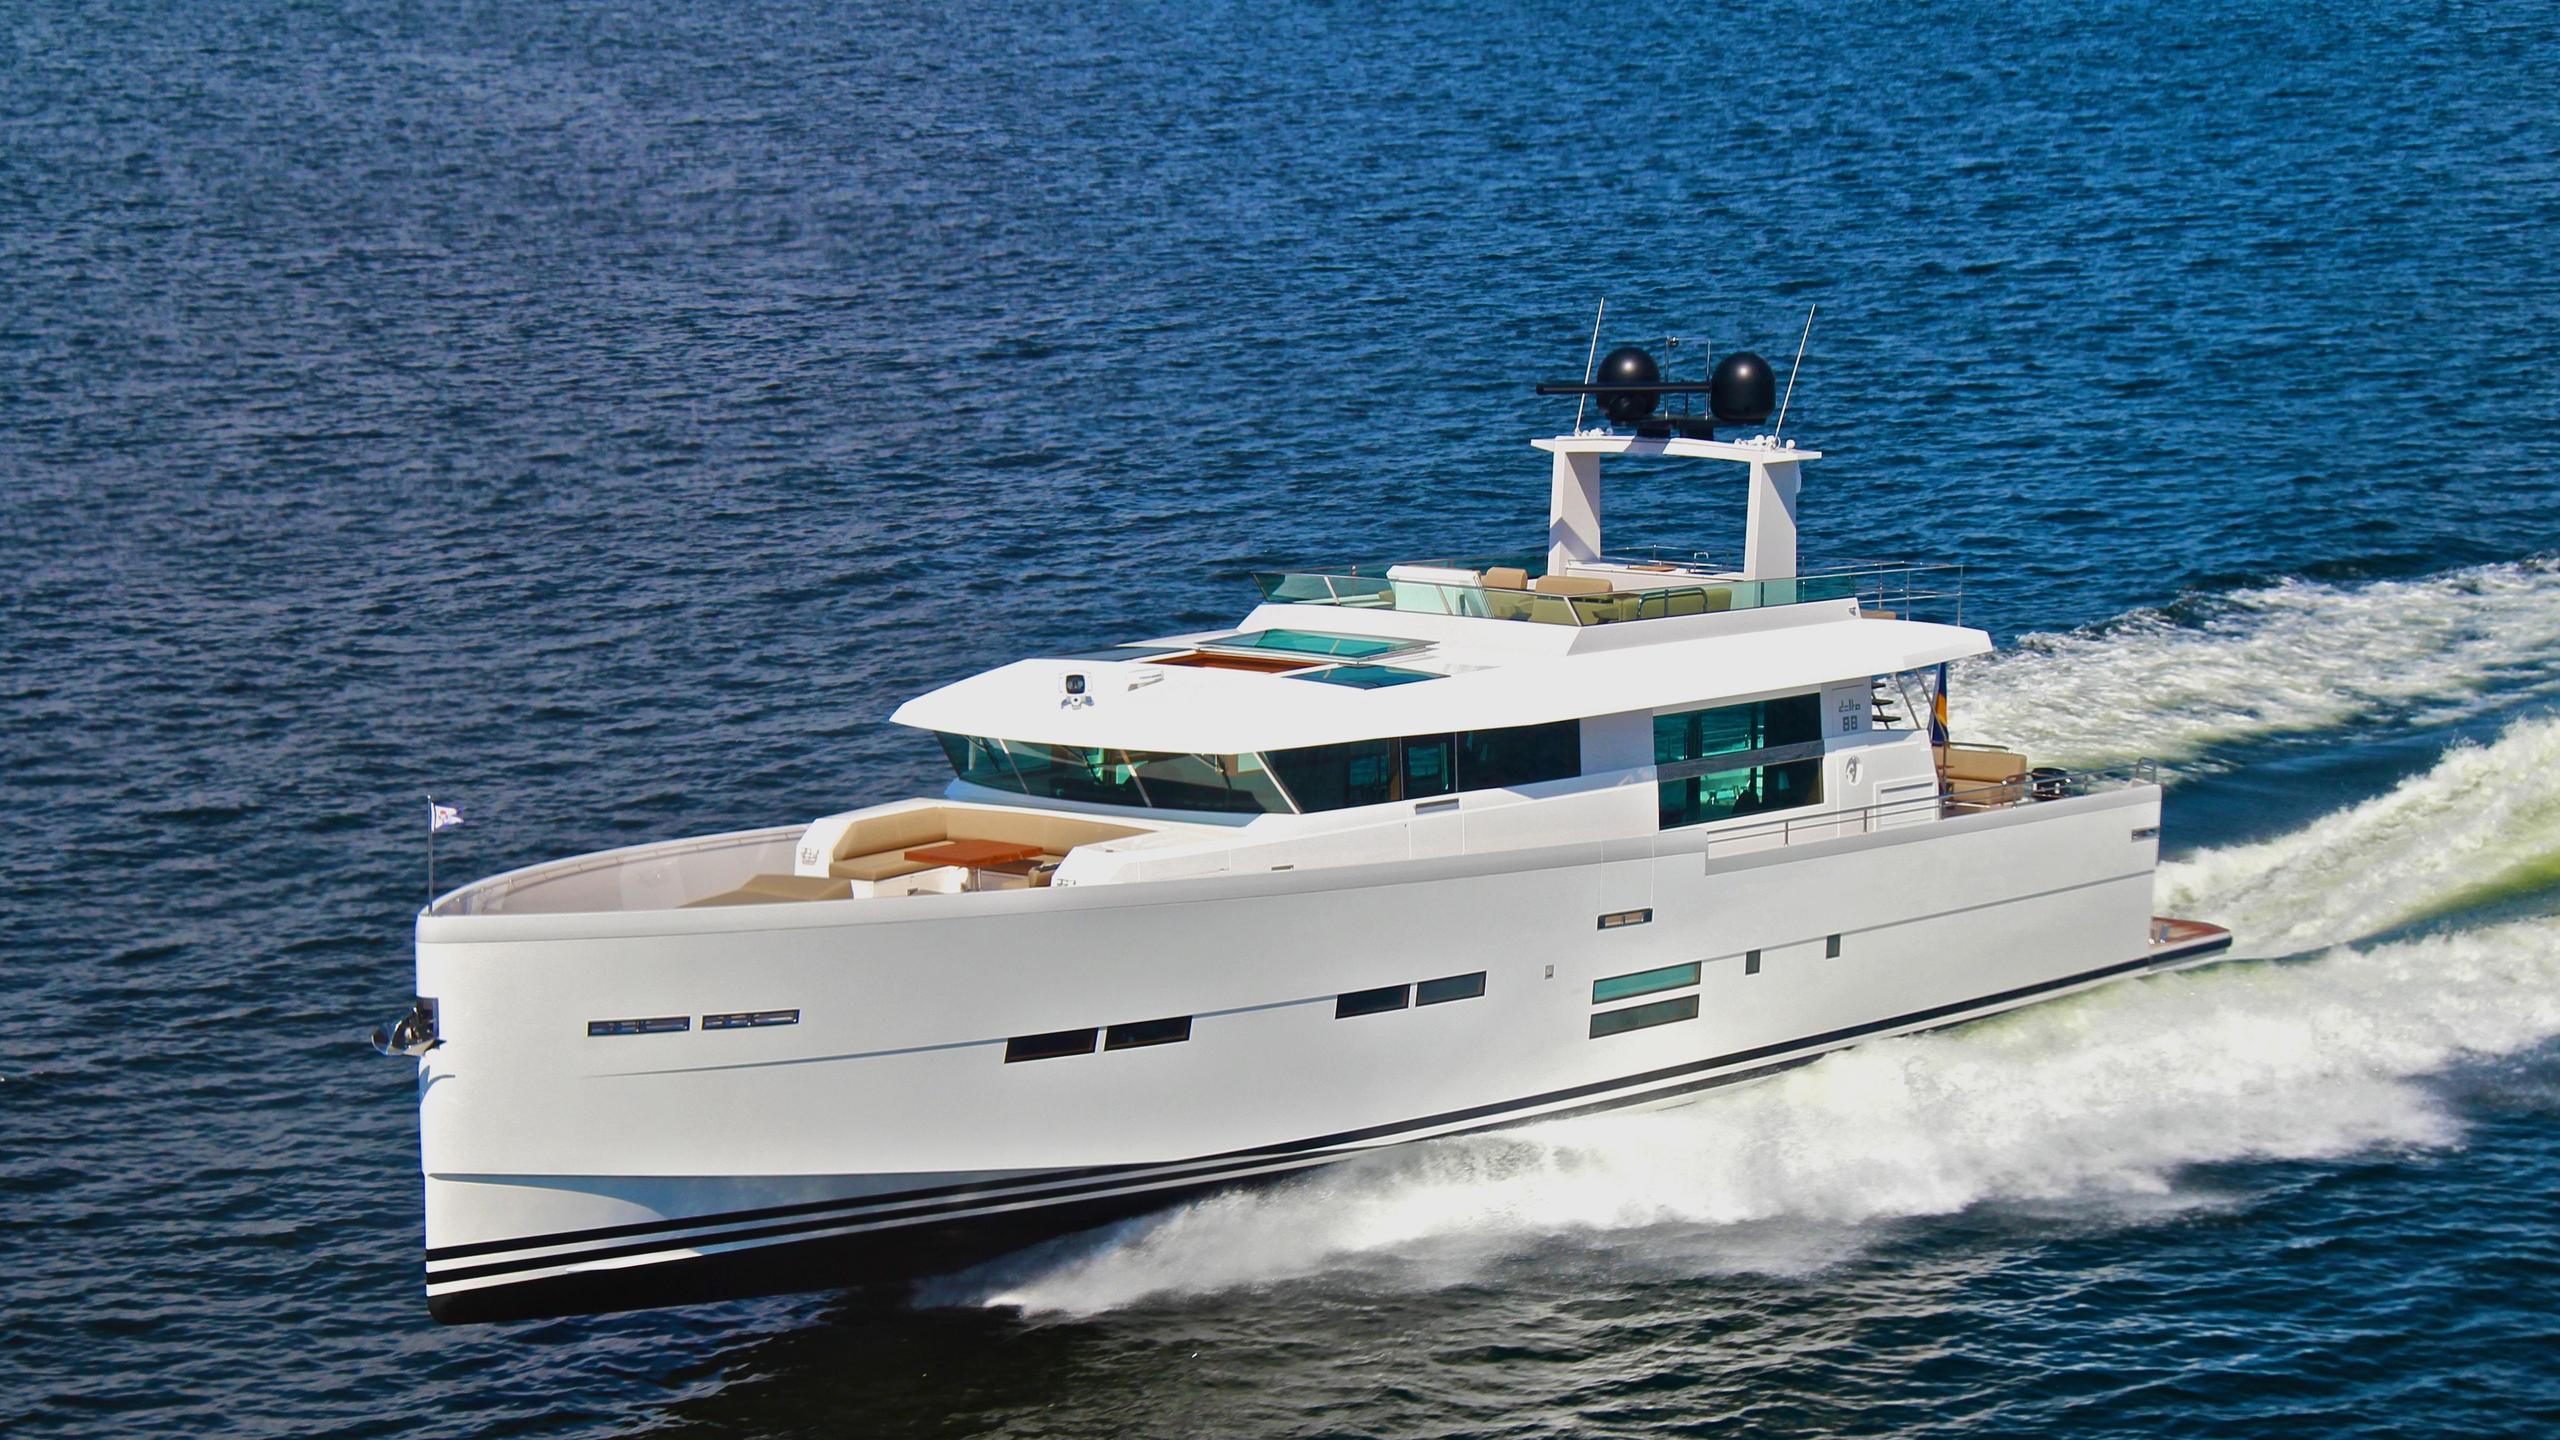 Delta carbon 88 yacht profile